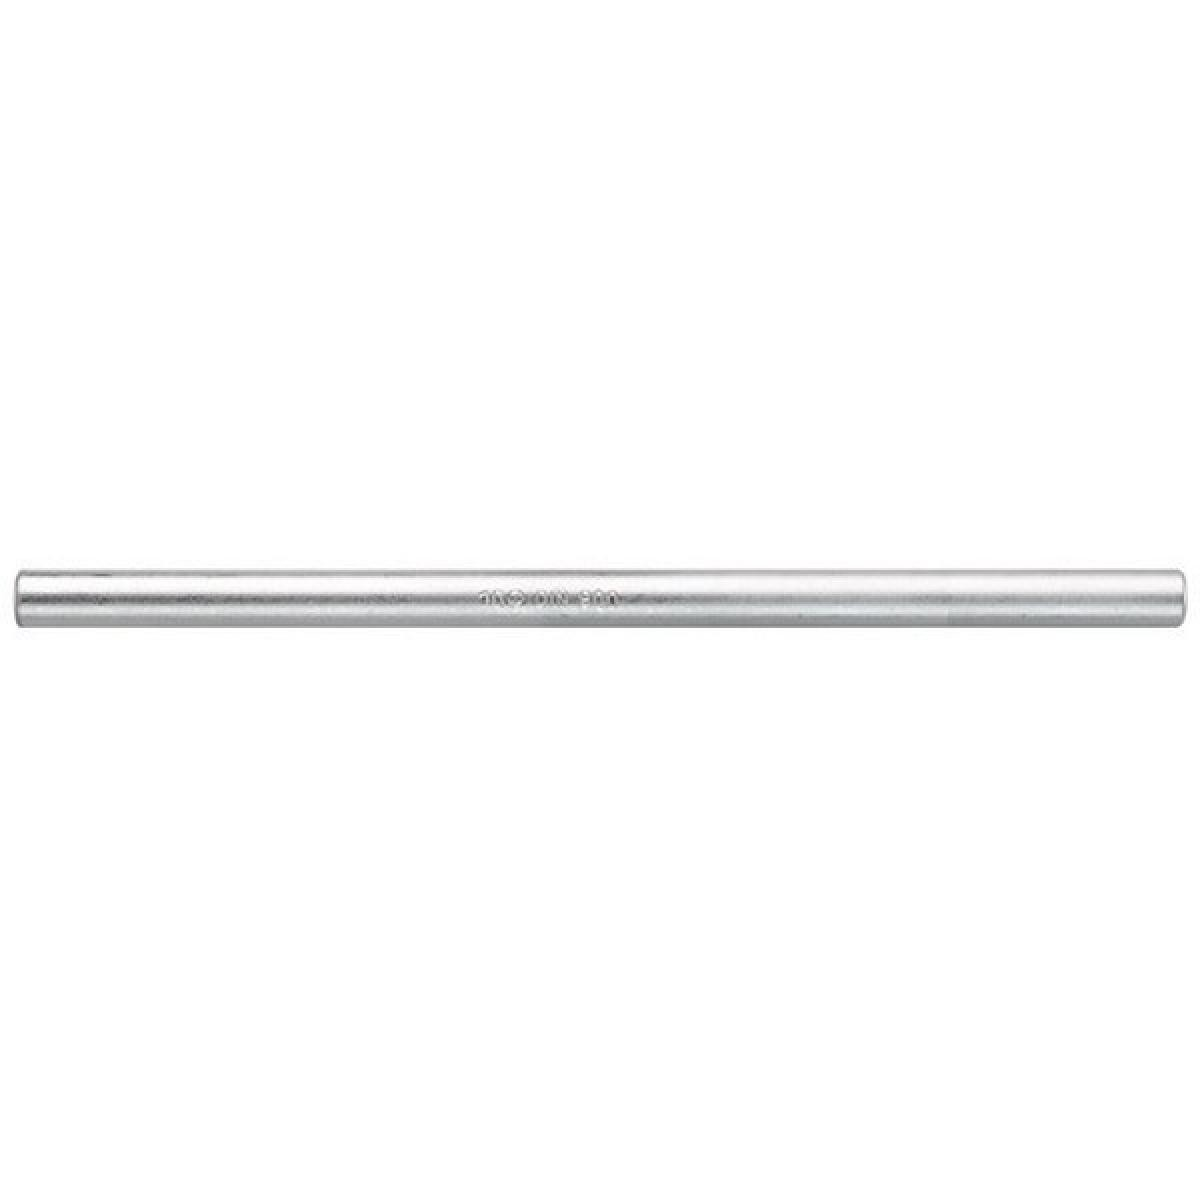 Forum Broche pour clé à pipe, Ø : 20 mm, Long. 630 mm